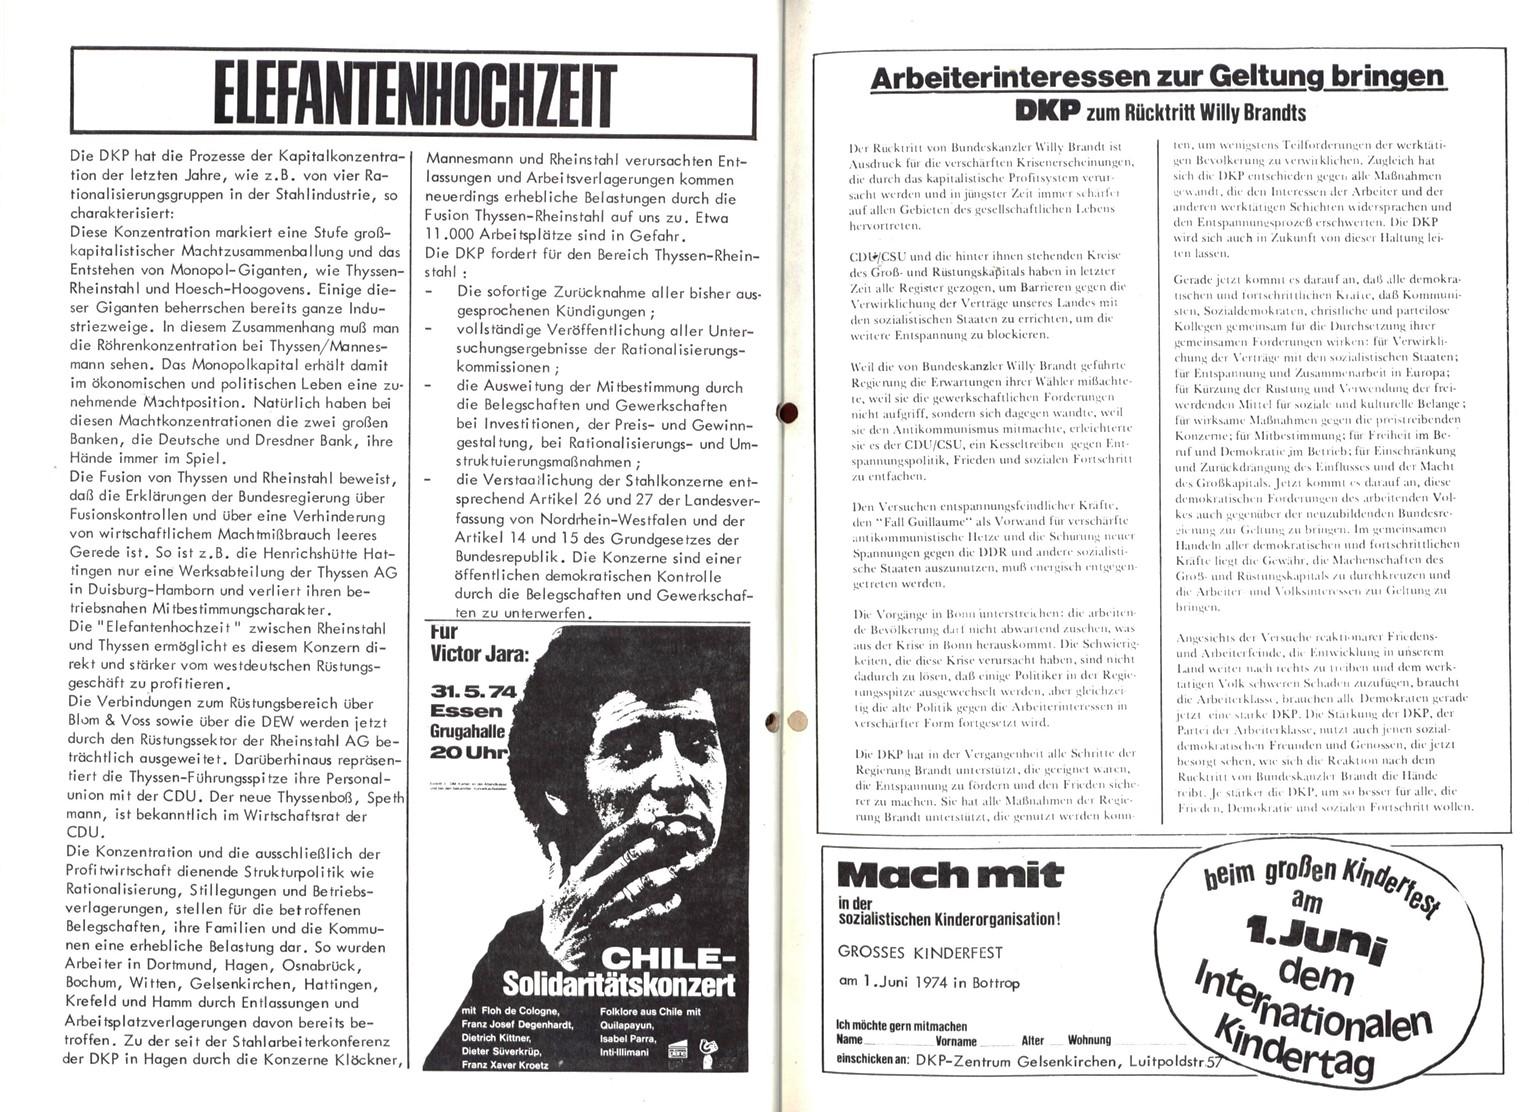 Gelsenkirchen_Gussstahlstimme_19740500_02